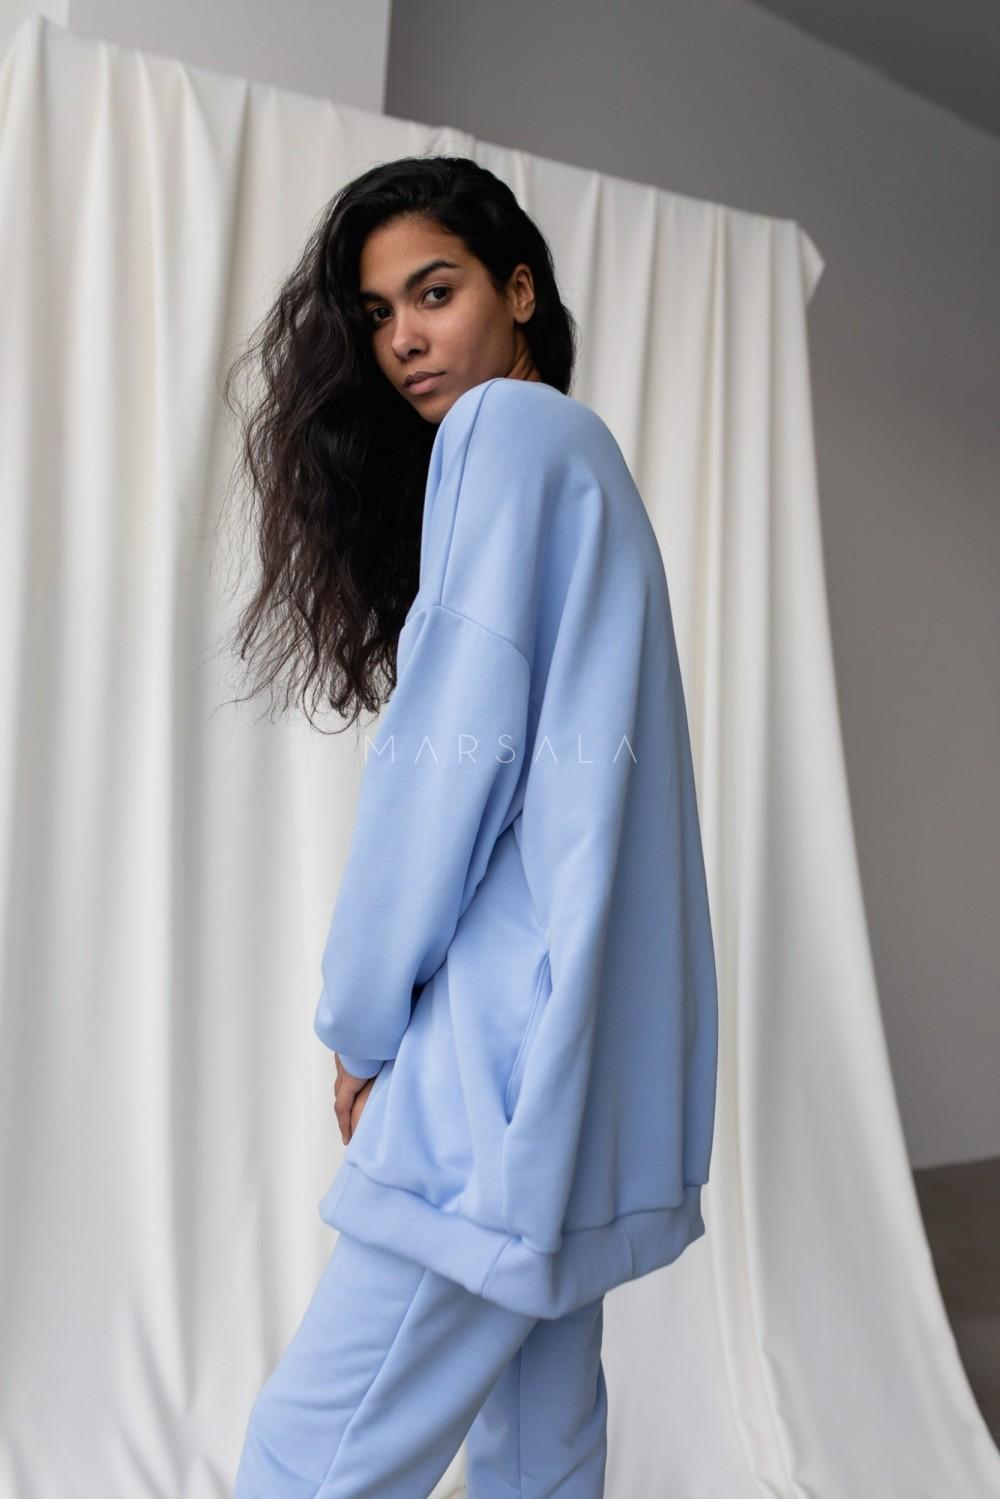 Bluza typu oversize o przedłużonym kroju kolor CORNFLOWER BLUE HUSH BY MARSALA